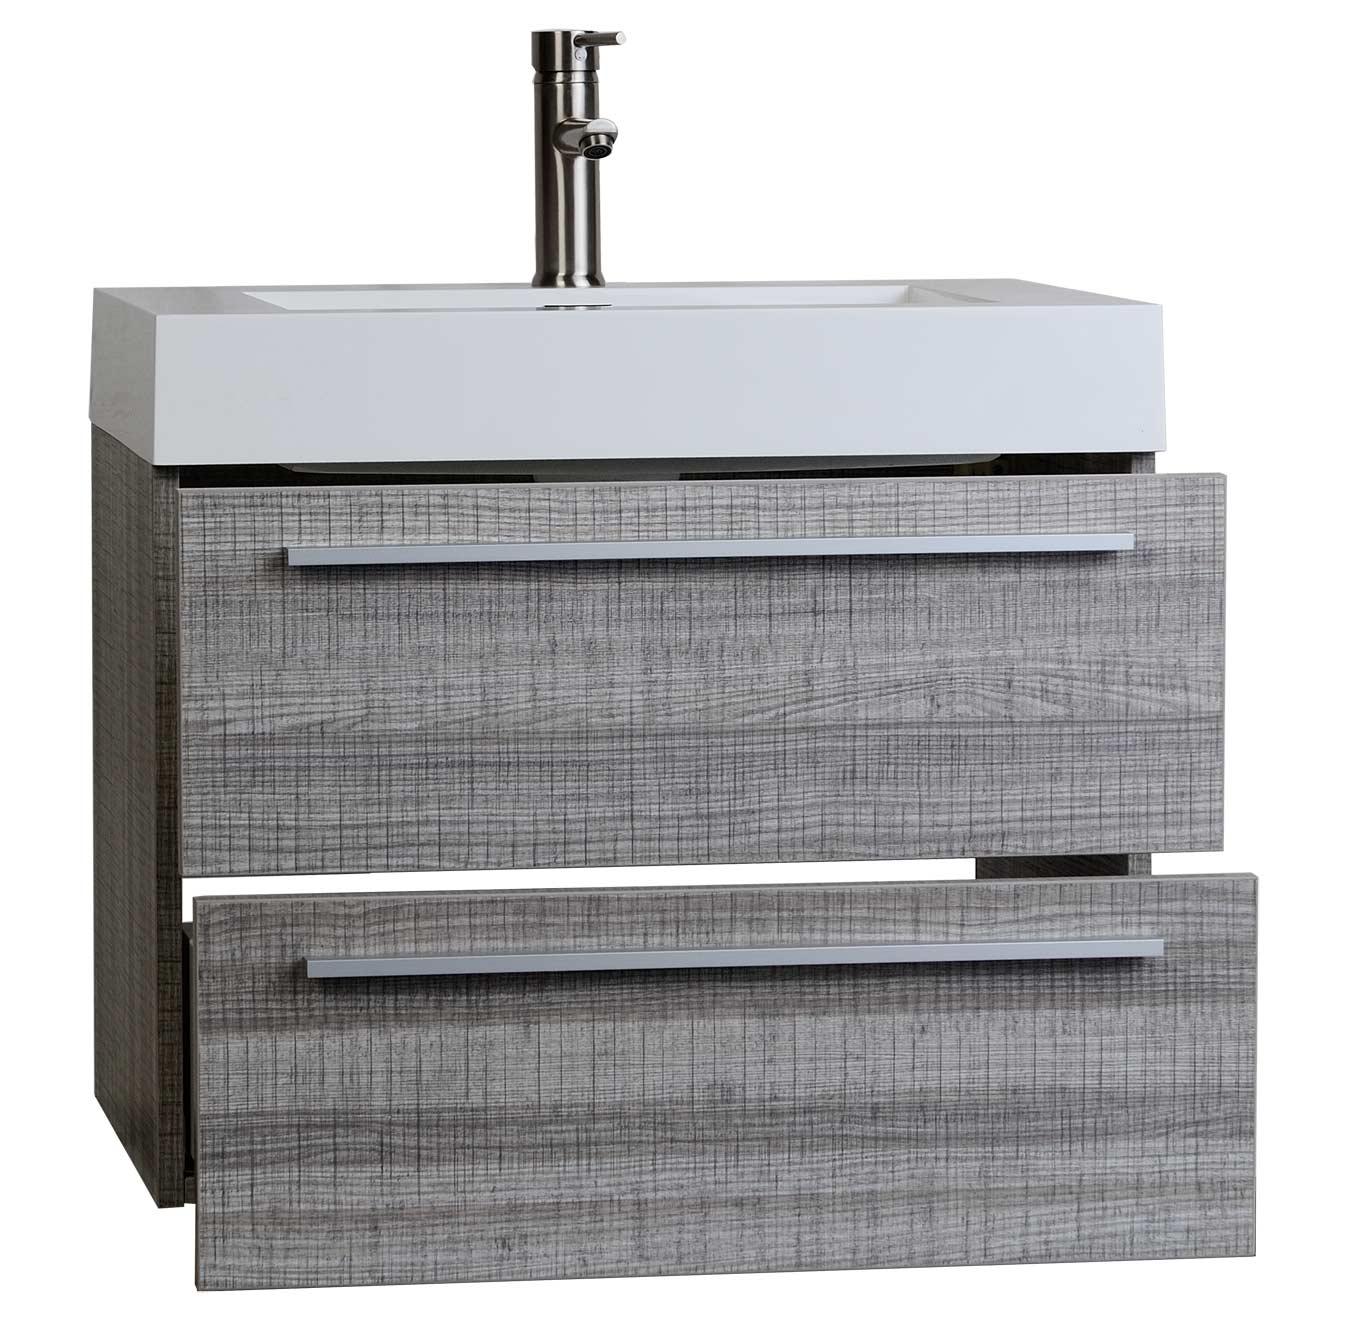 Bathroom medicine cabinets with mirrors - Buy 26 75 Inch Single Bathroom Vanity Set In Ash Grey Tn